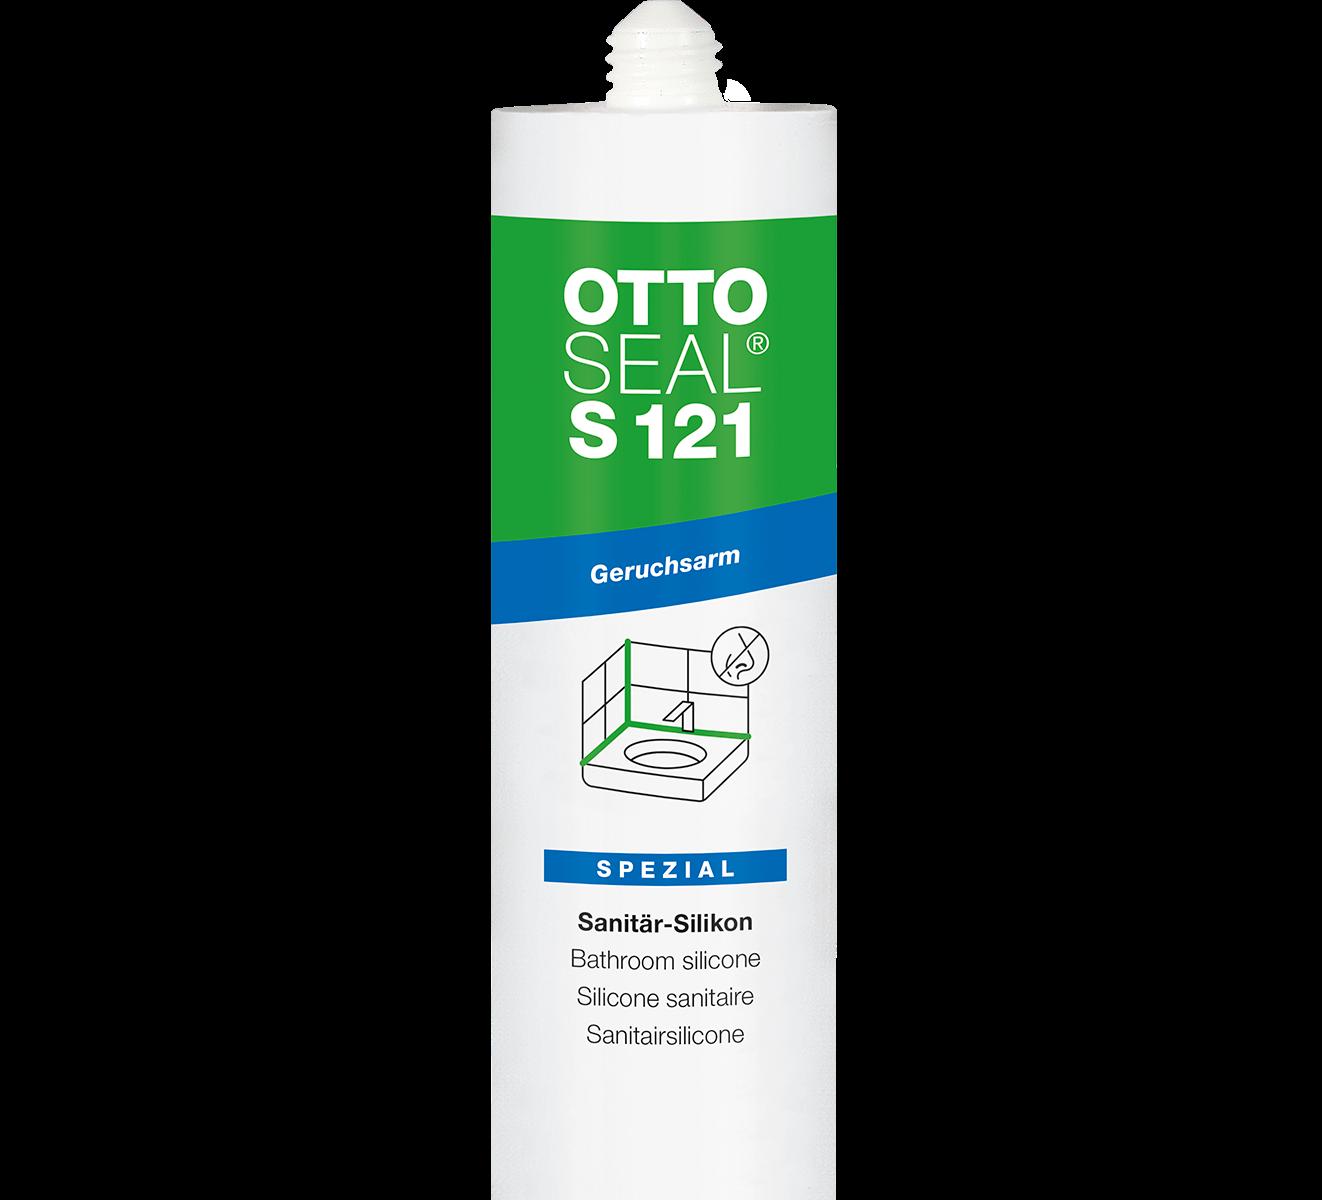 Ottoseal Ottoseal S 121